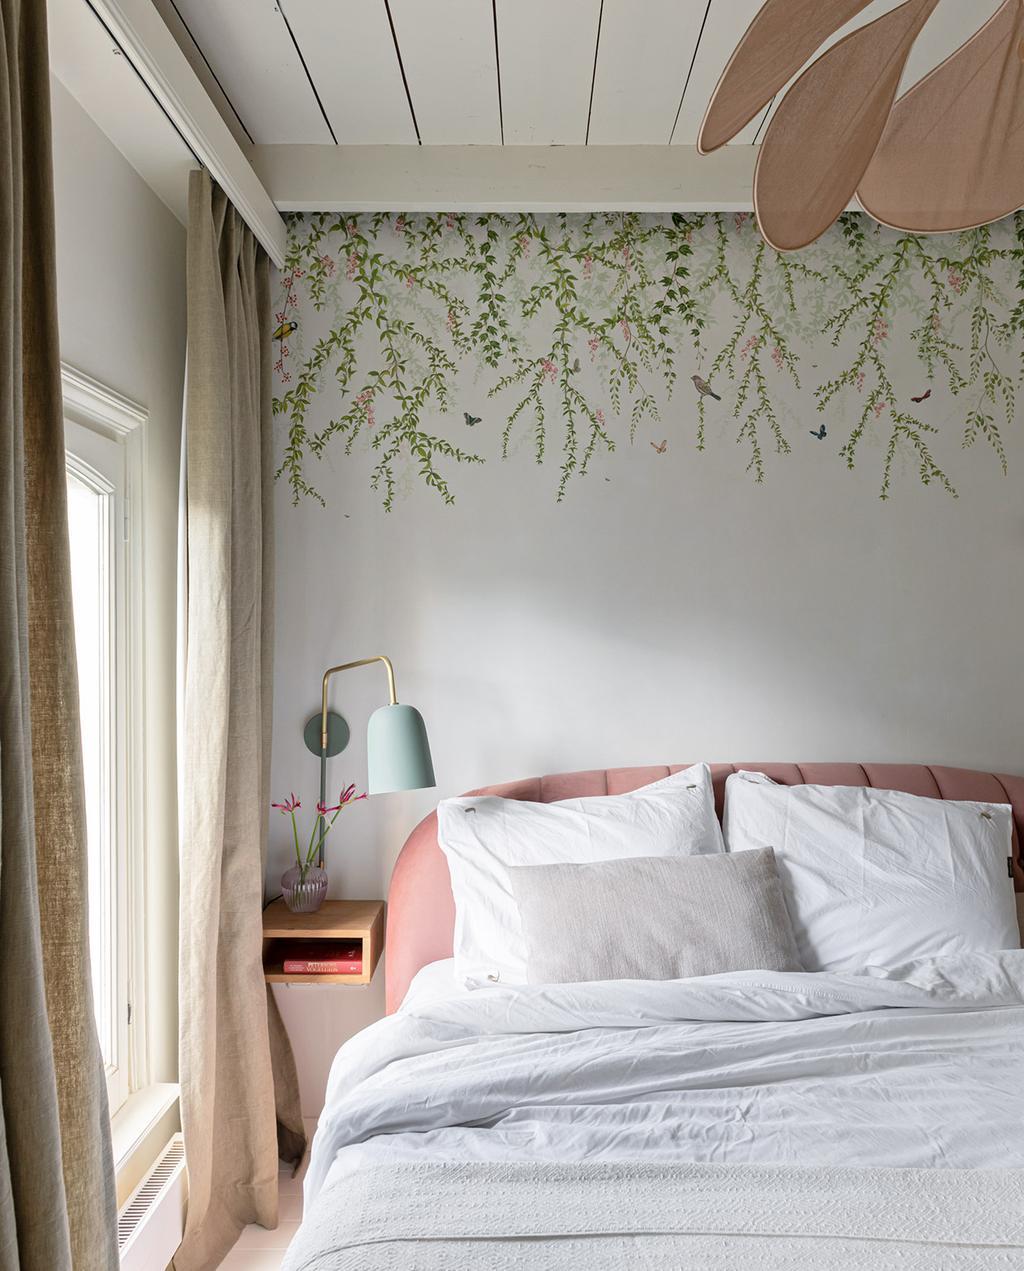 vtwonen special tiny houses | slaapkamer in Utrecht met behang van bloemen en opgemaakt roze bed met blauwe lamp